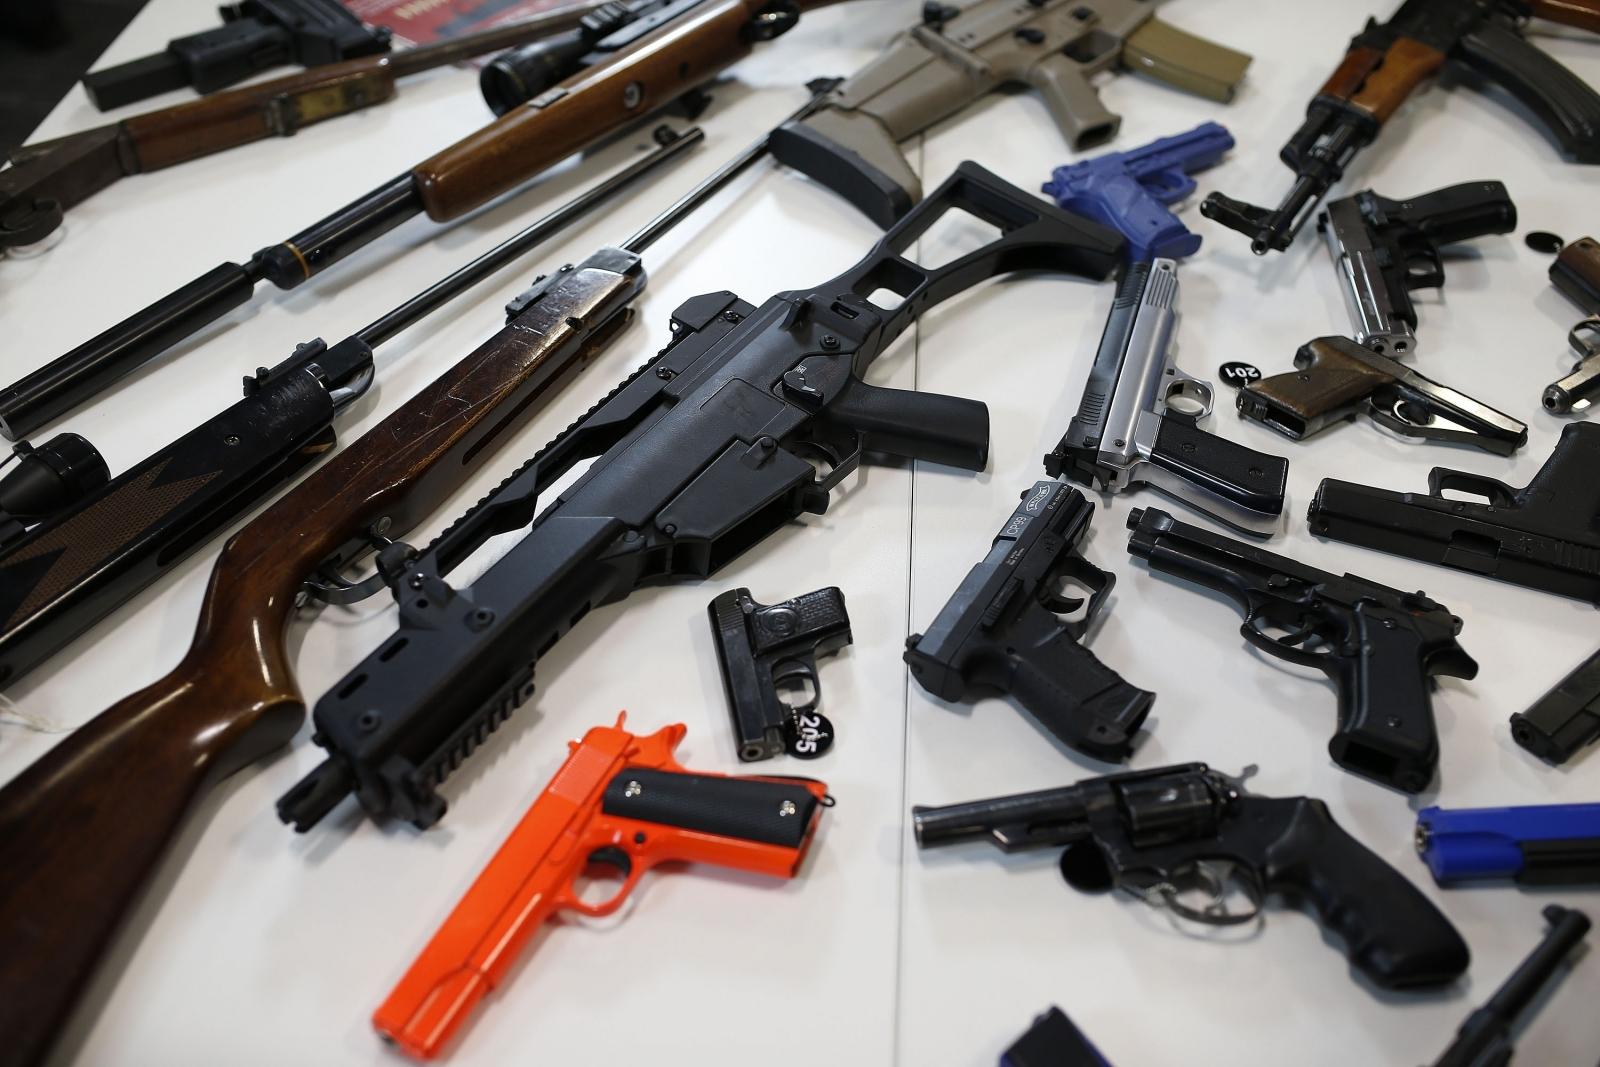 firearms uk